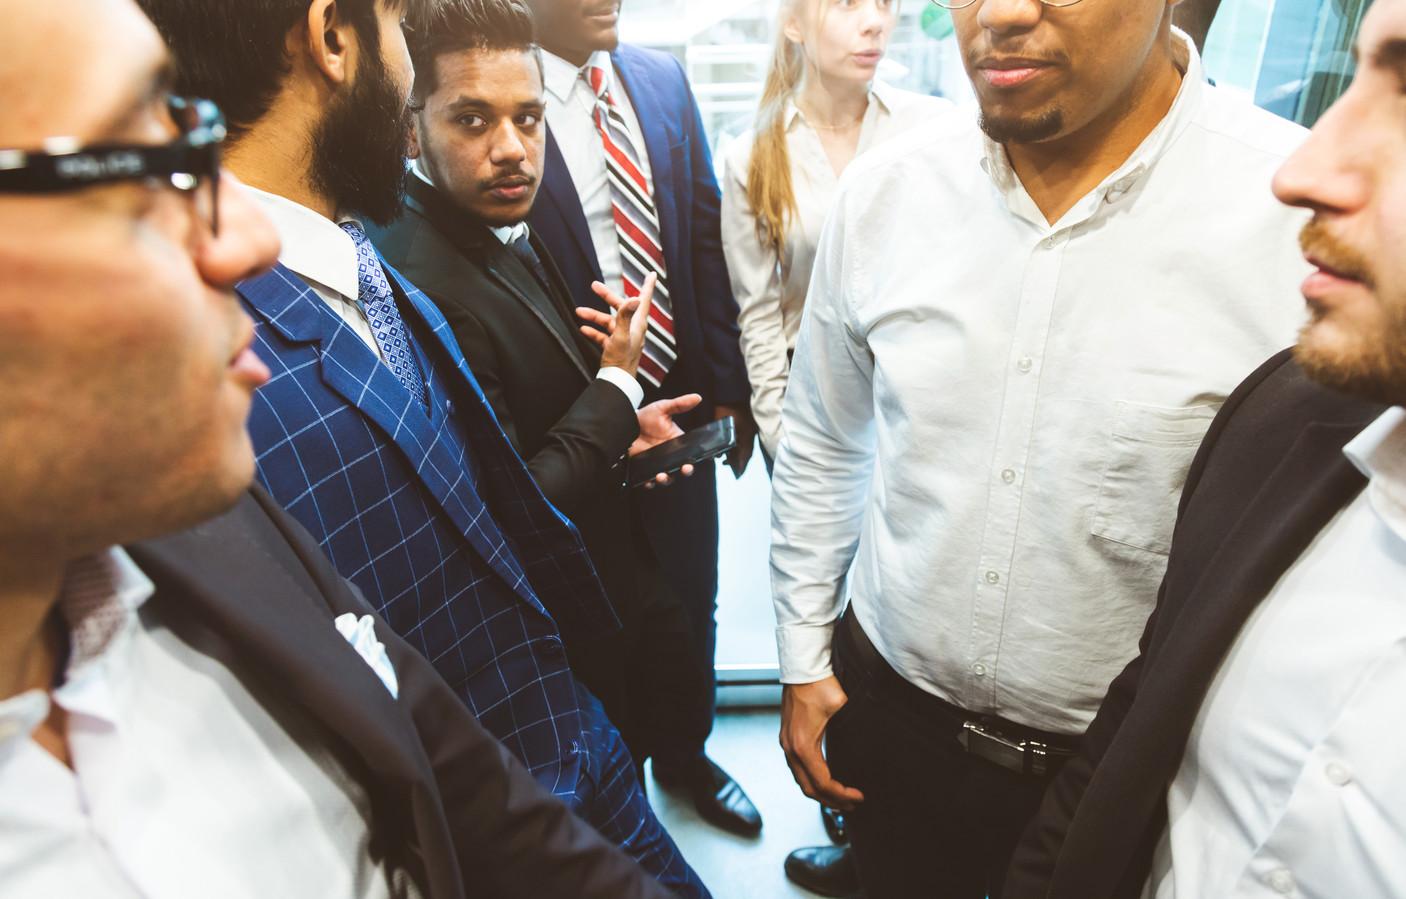 Foto ter illustratie: urenlang vastzitten met collega's in een lift. Wat doet dat met de onderlinge verhoudingen?